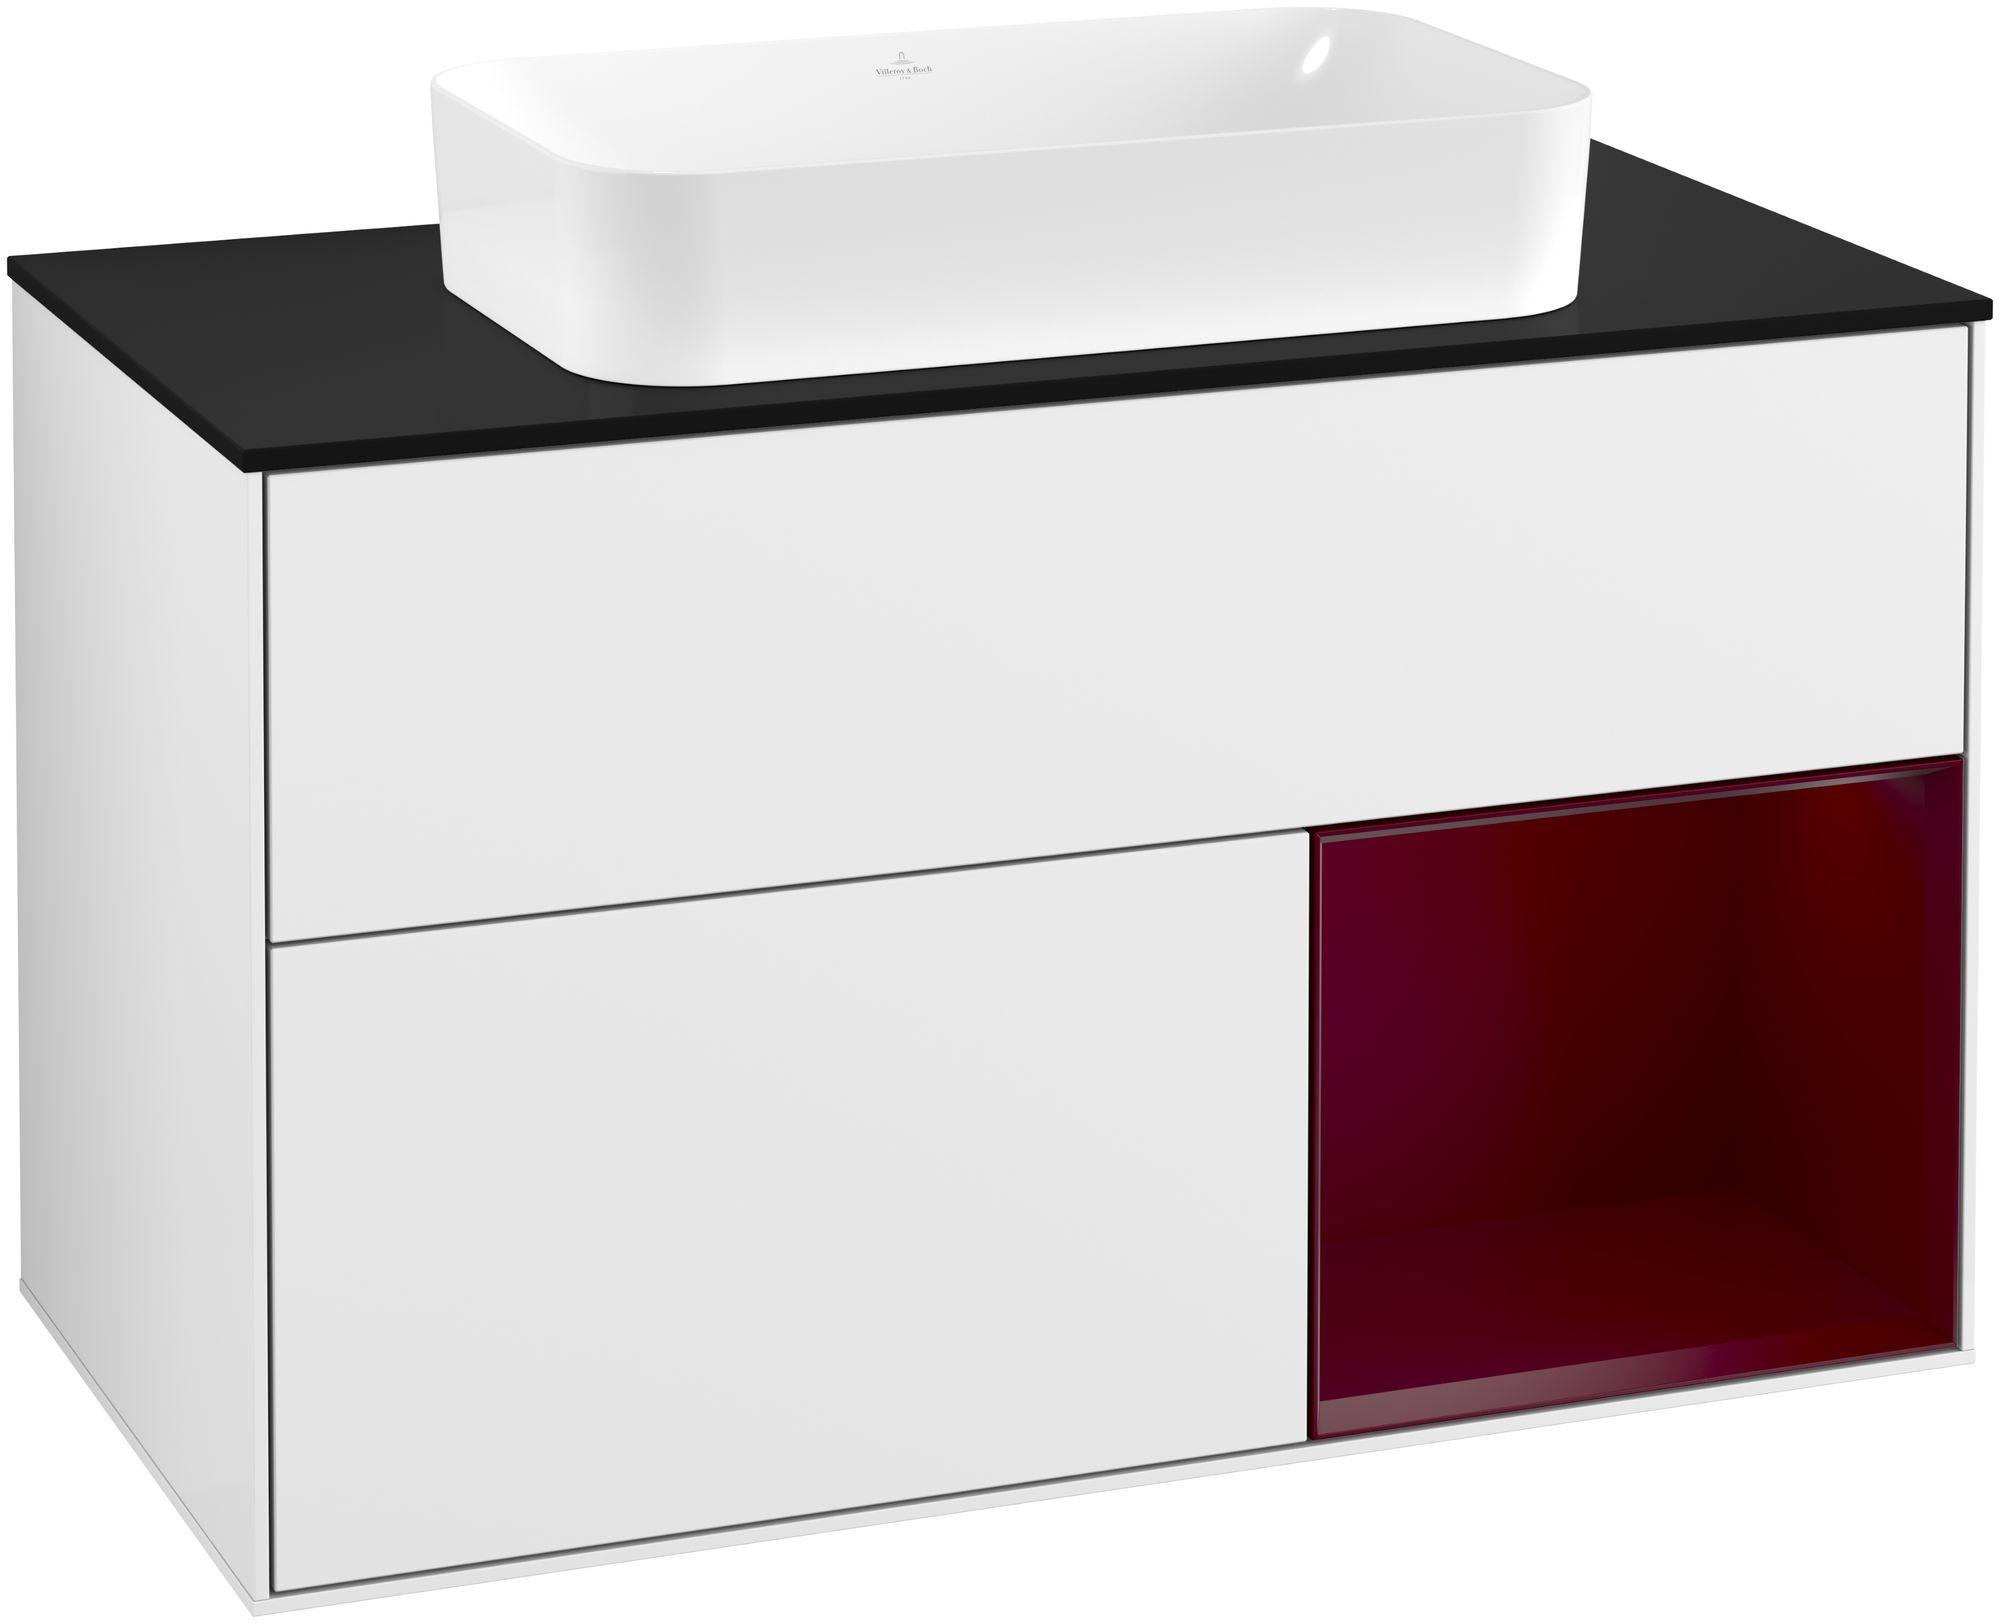 Villeroy & Boch Finion G25 Waschtischunterschrank mit Regalelement 2 Auszüge für WT mittig LED-Beleuchtung B:100xH:60,3xT:50,1cm Front, Korpus: Glossy White Lack, Regal: Peony, Glasplatte: Black Matt G252HBGF